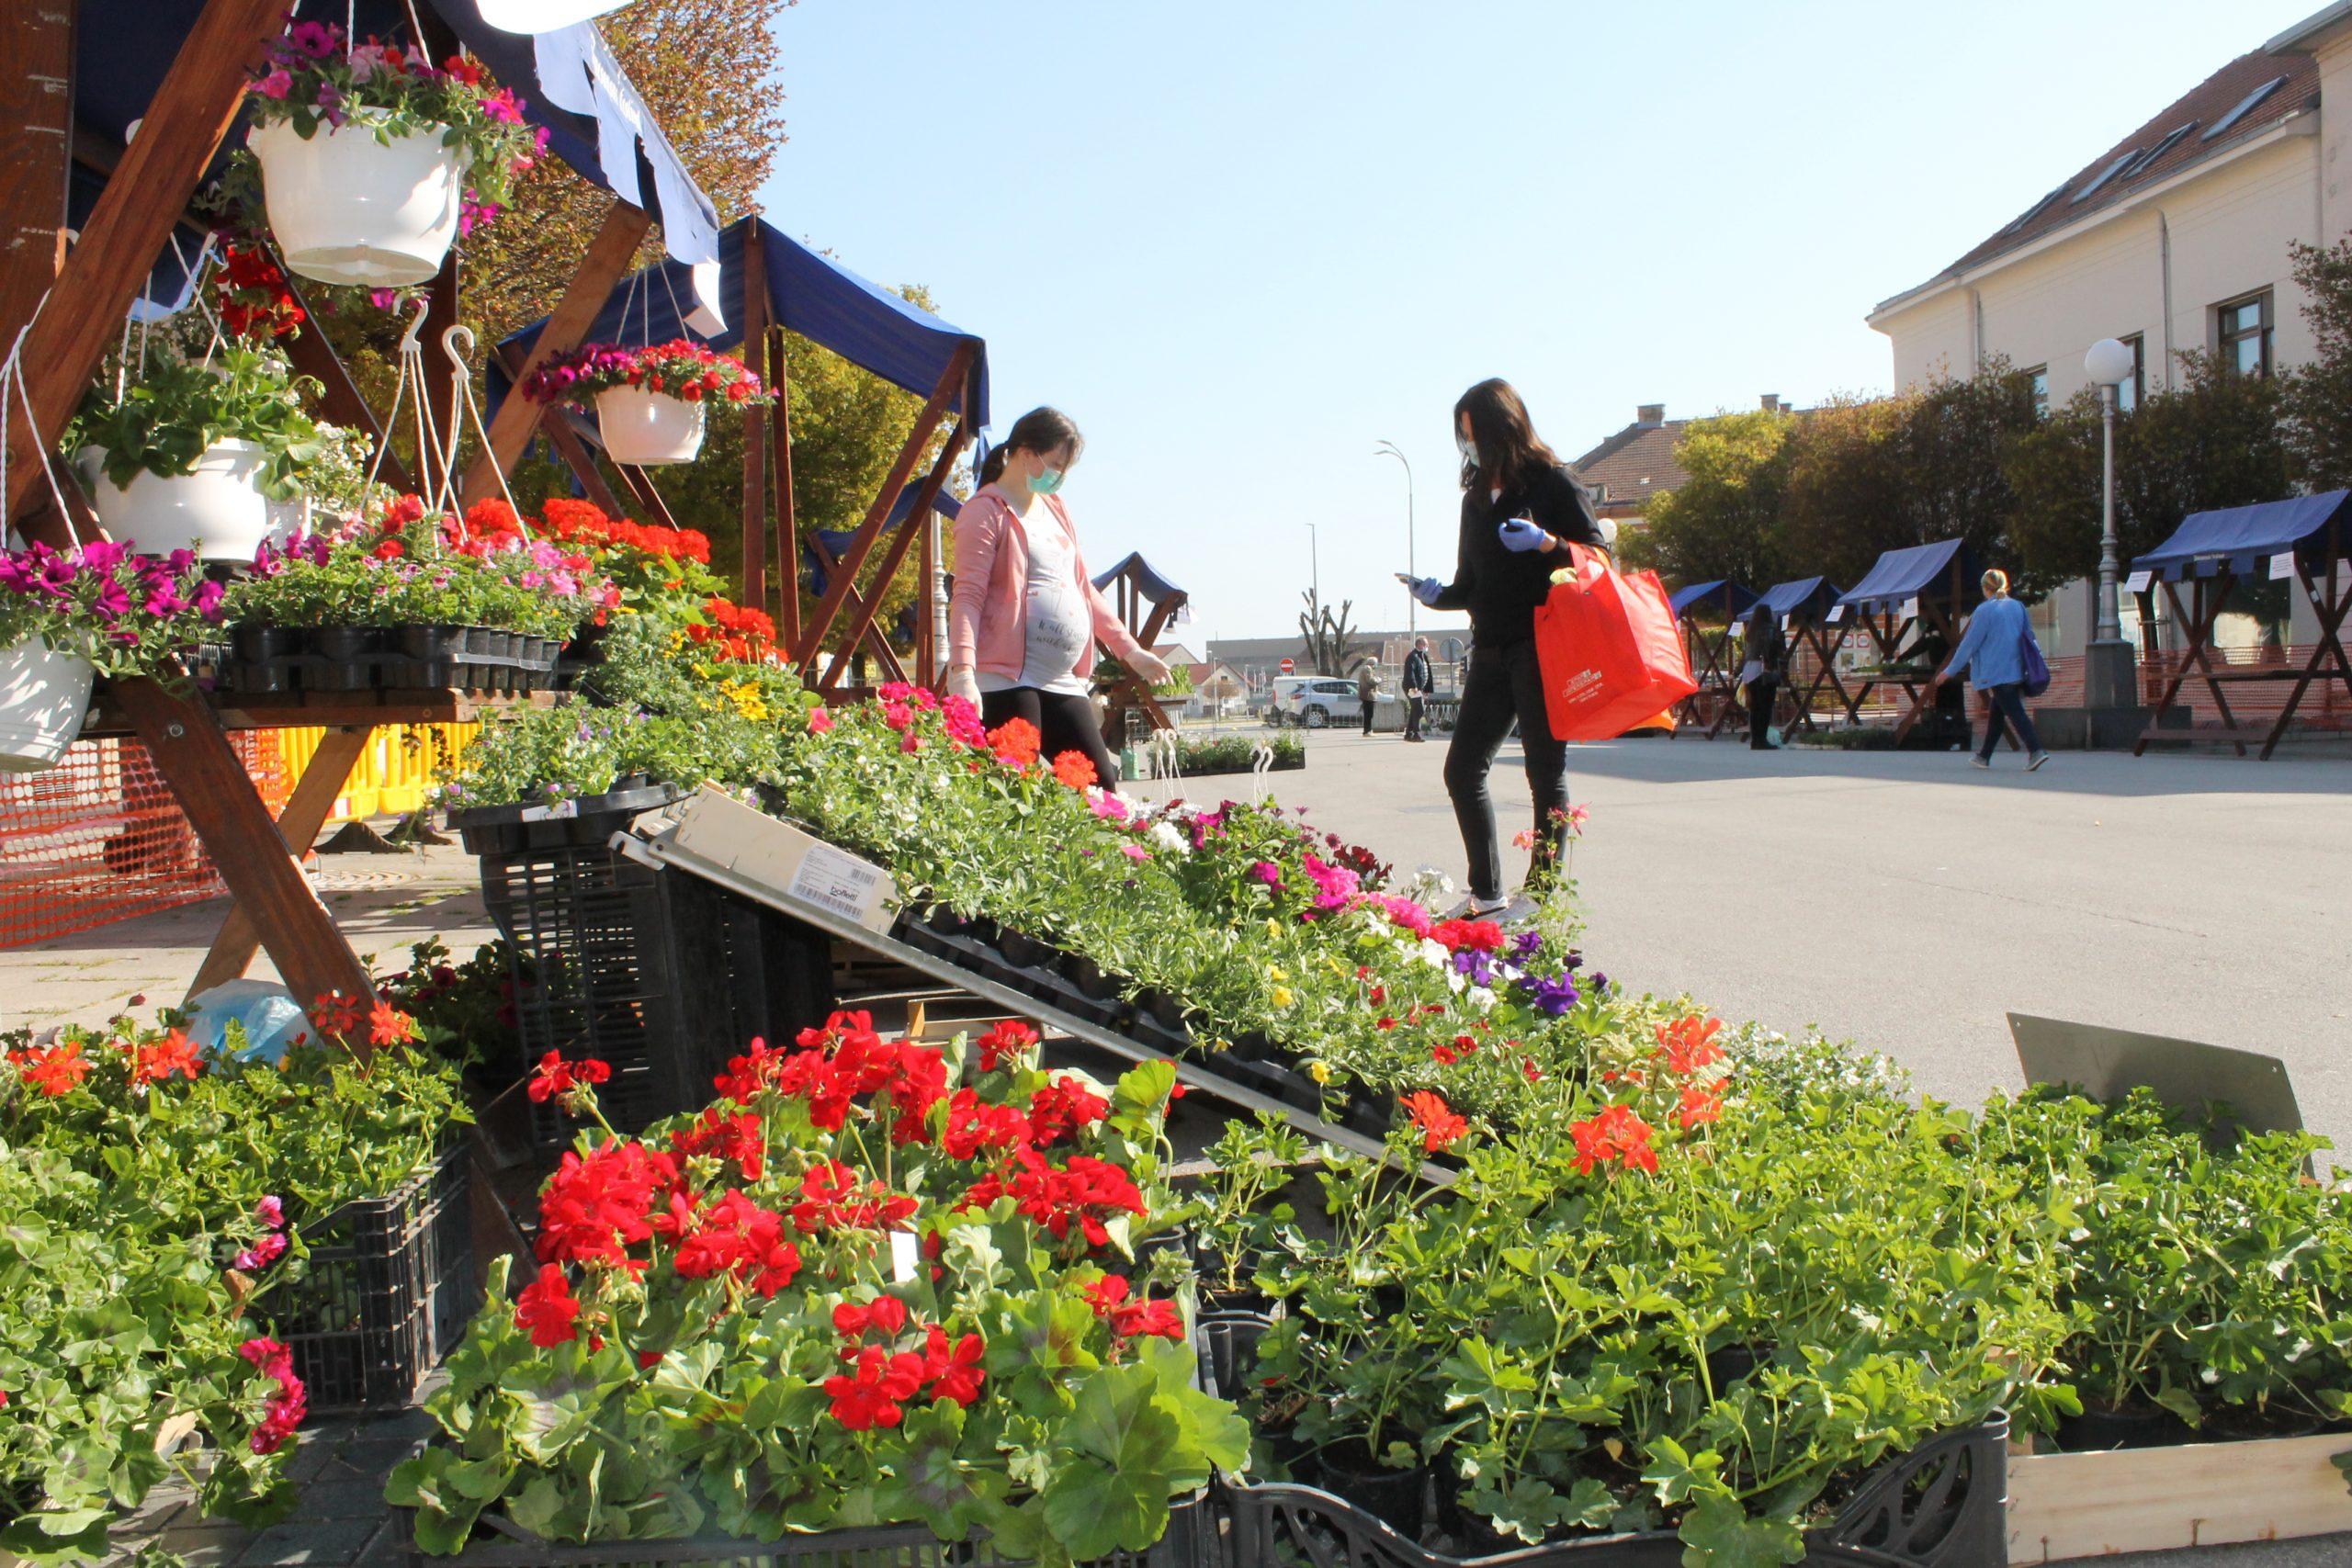 Cvijeće i presadnice i ovog proljeća nabavite u centru grada